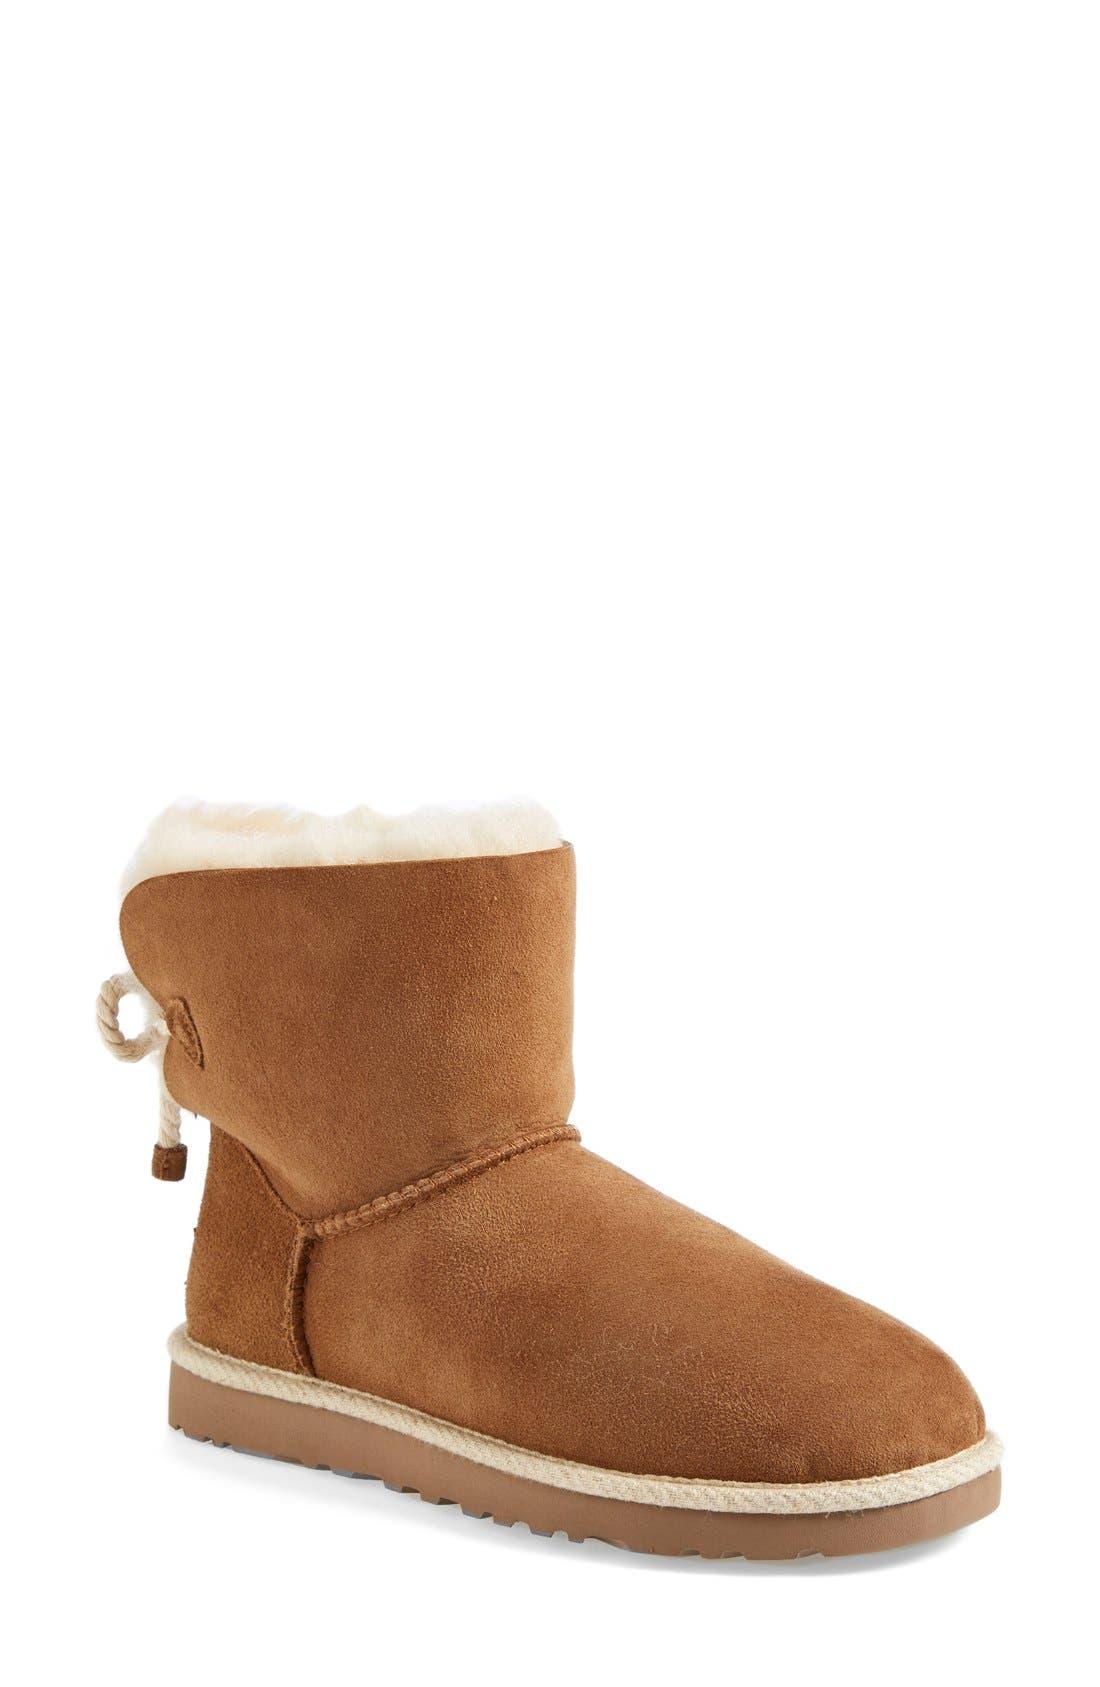 Main Image - UGG® Australia 'Selene' Boot (Women)